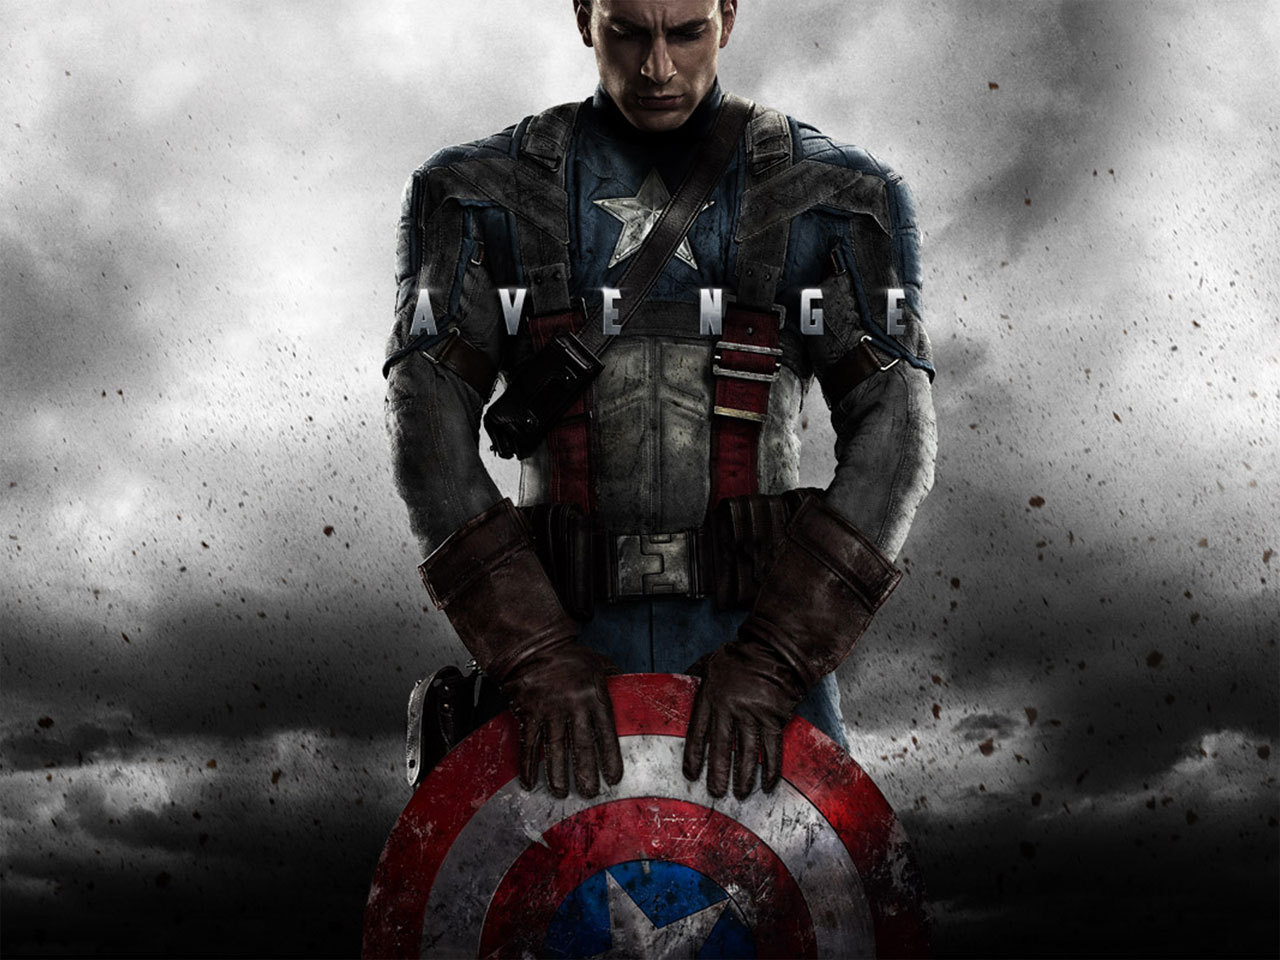 Captain America   Marvel Comics Wallpaper 19165512 1280x960